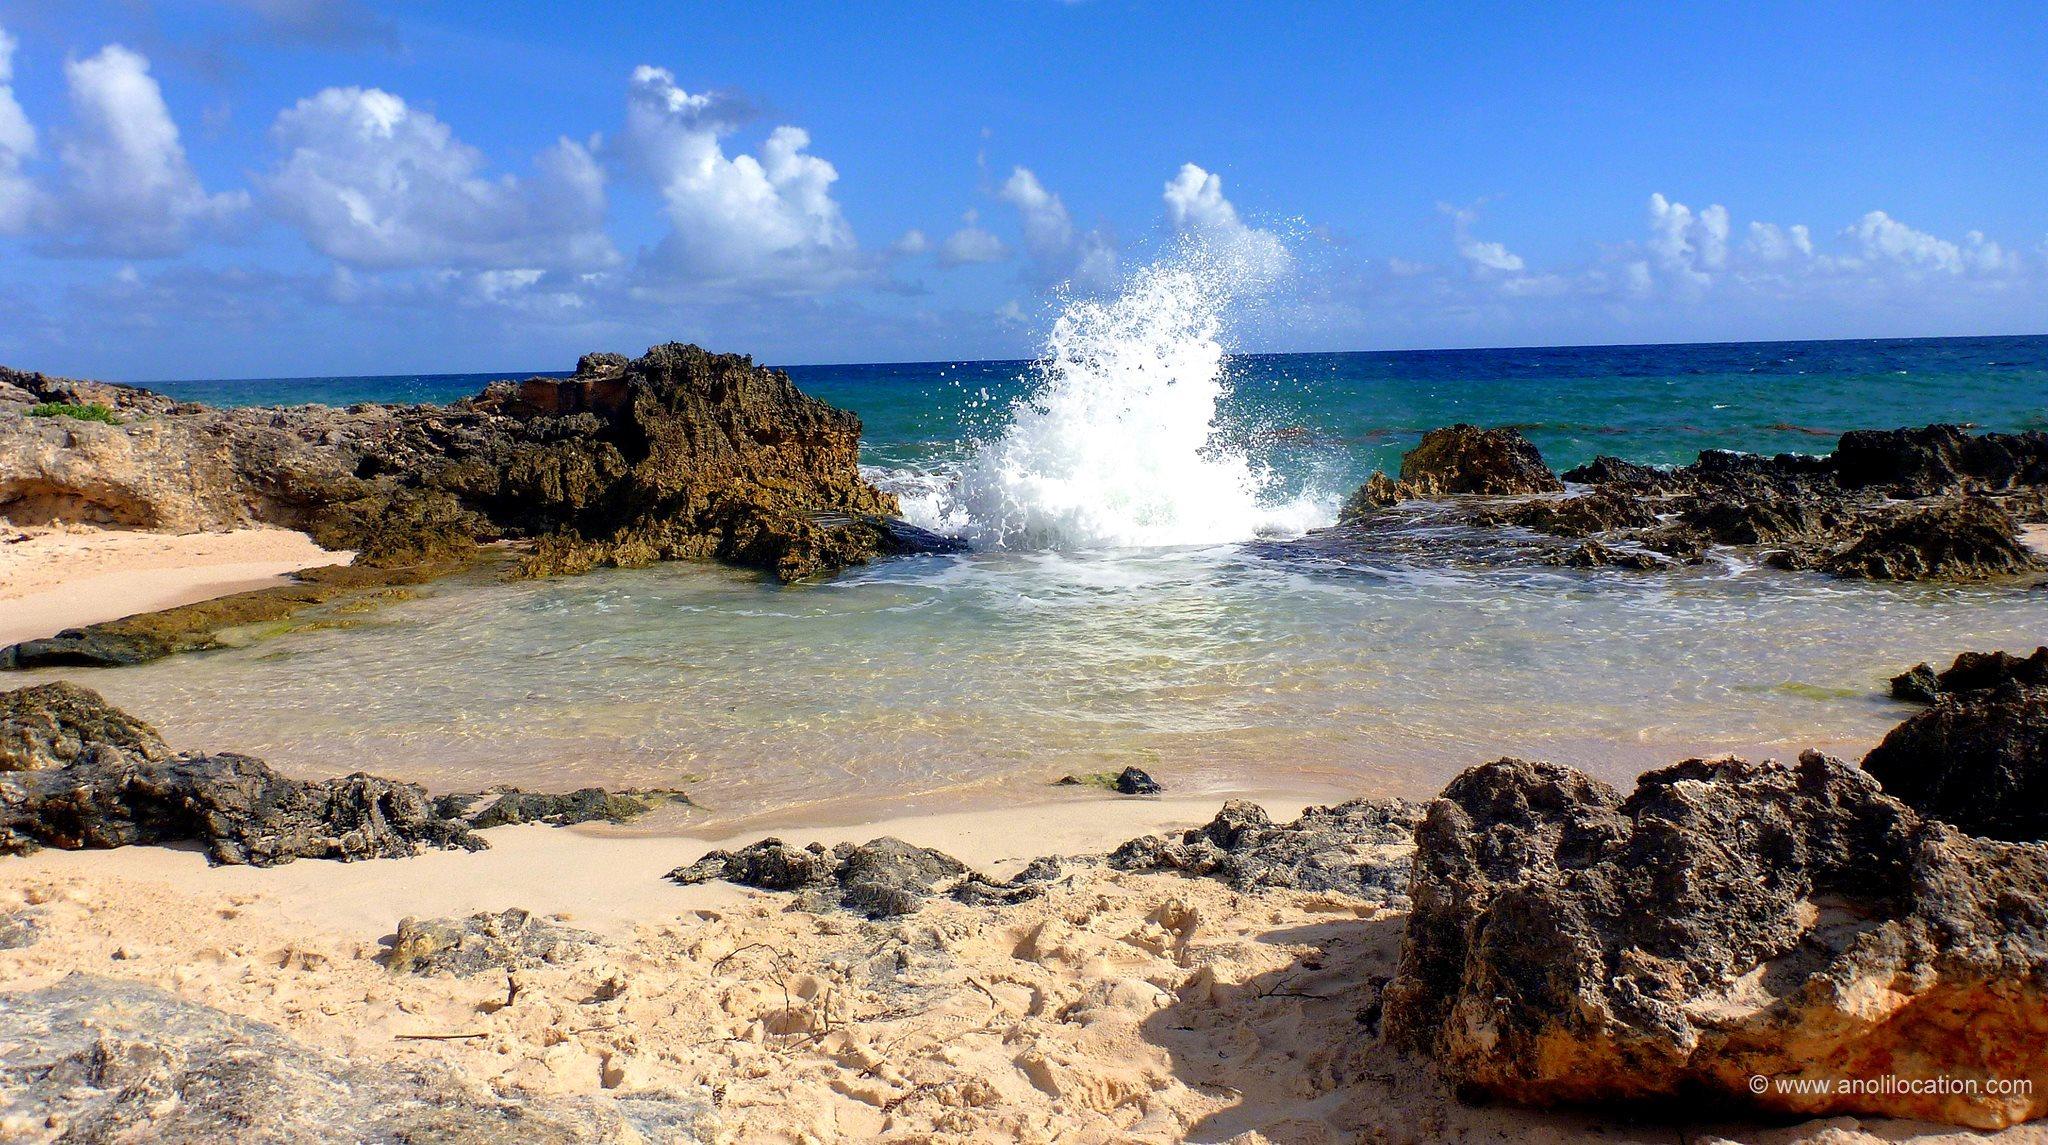 Anoli_Location_La_Douche_Saint_françois_Guadeloupe